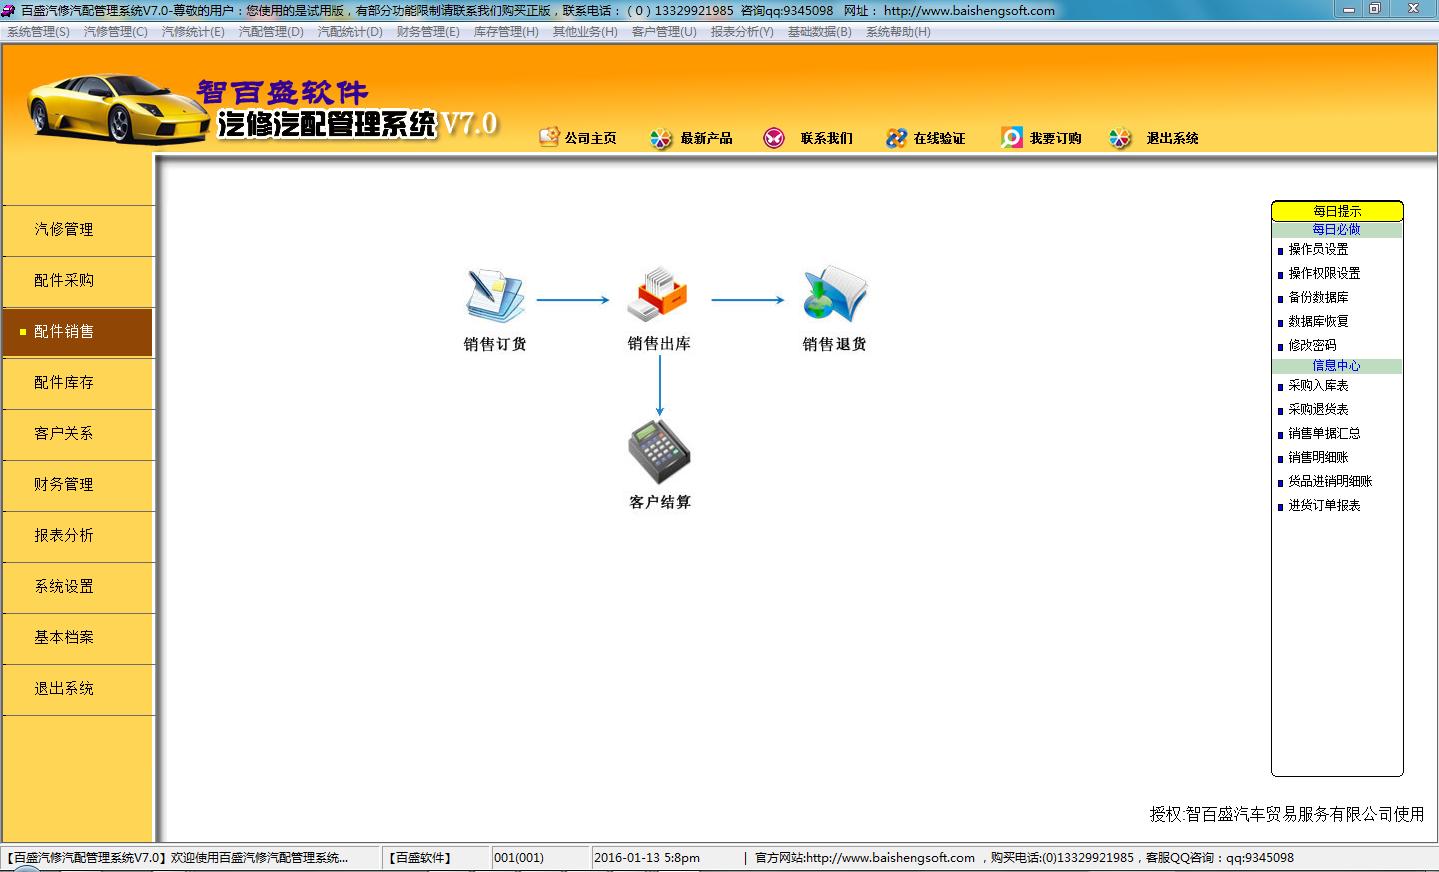 智百盛汽车4s店维修管理软件官方正版免费下载